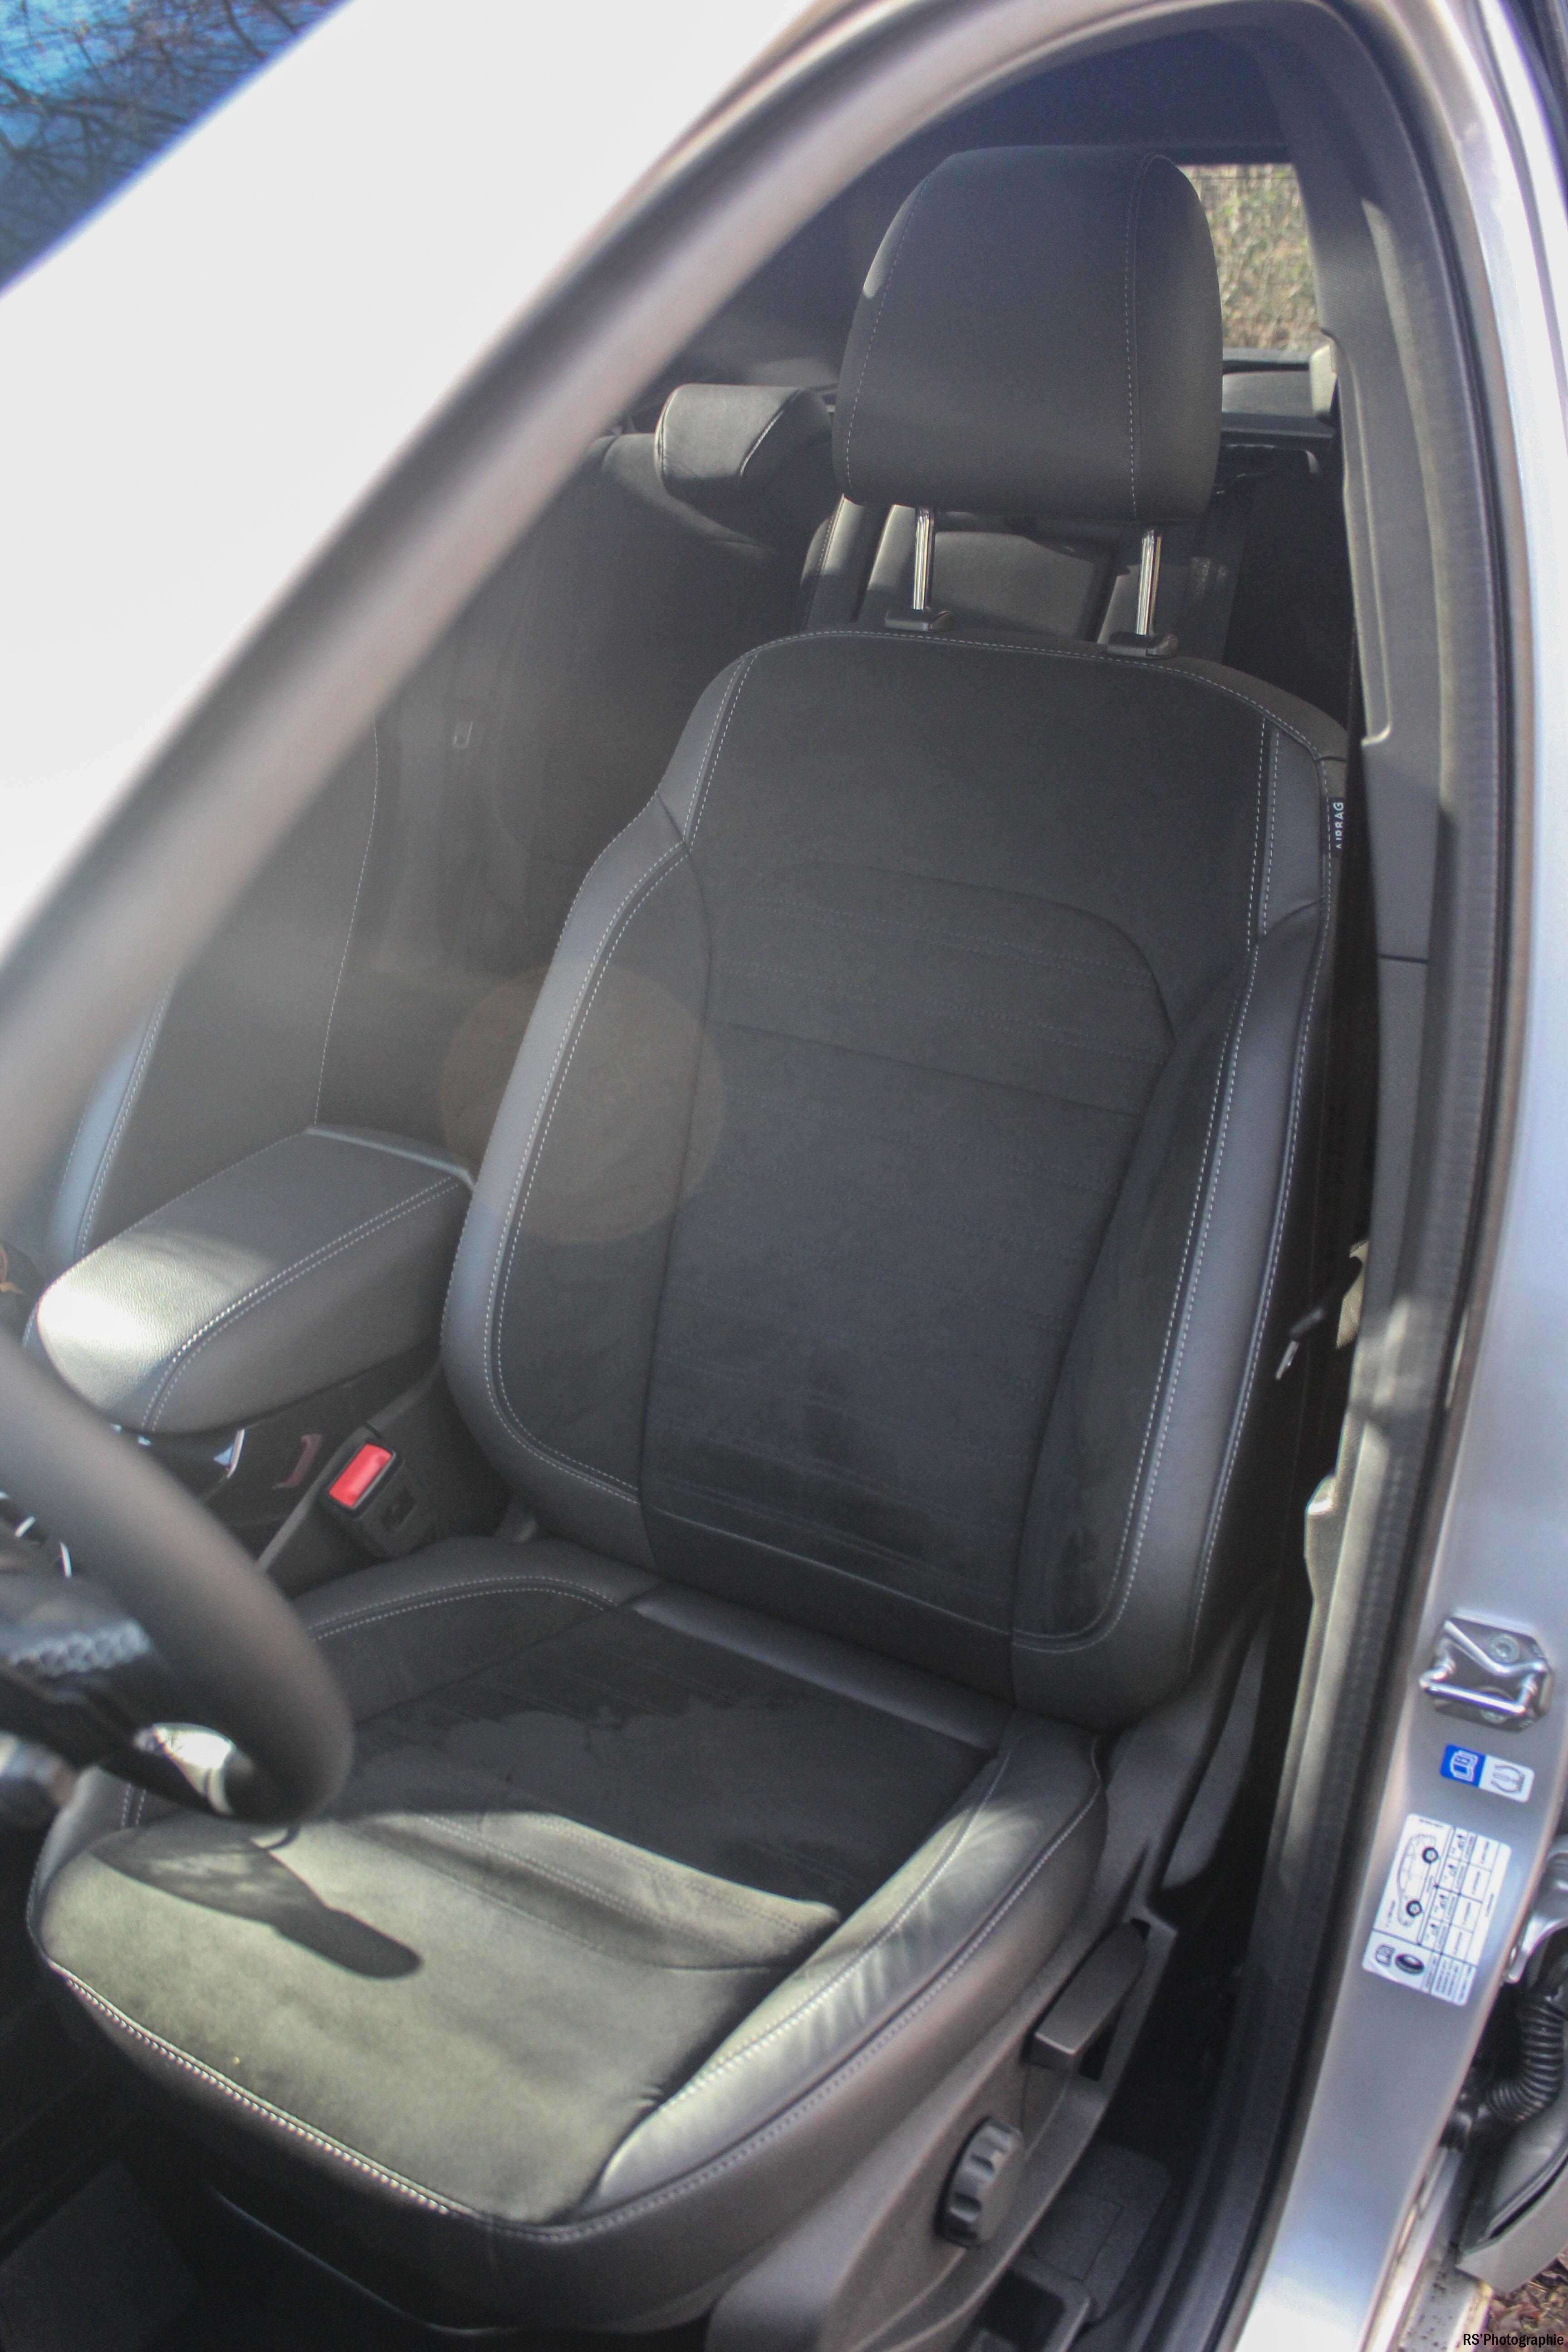 FordKuga29-ford-kuga-150-siege-seat-arnaud-demasier-rsphotographie